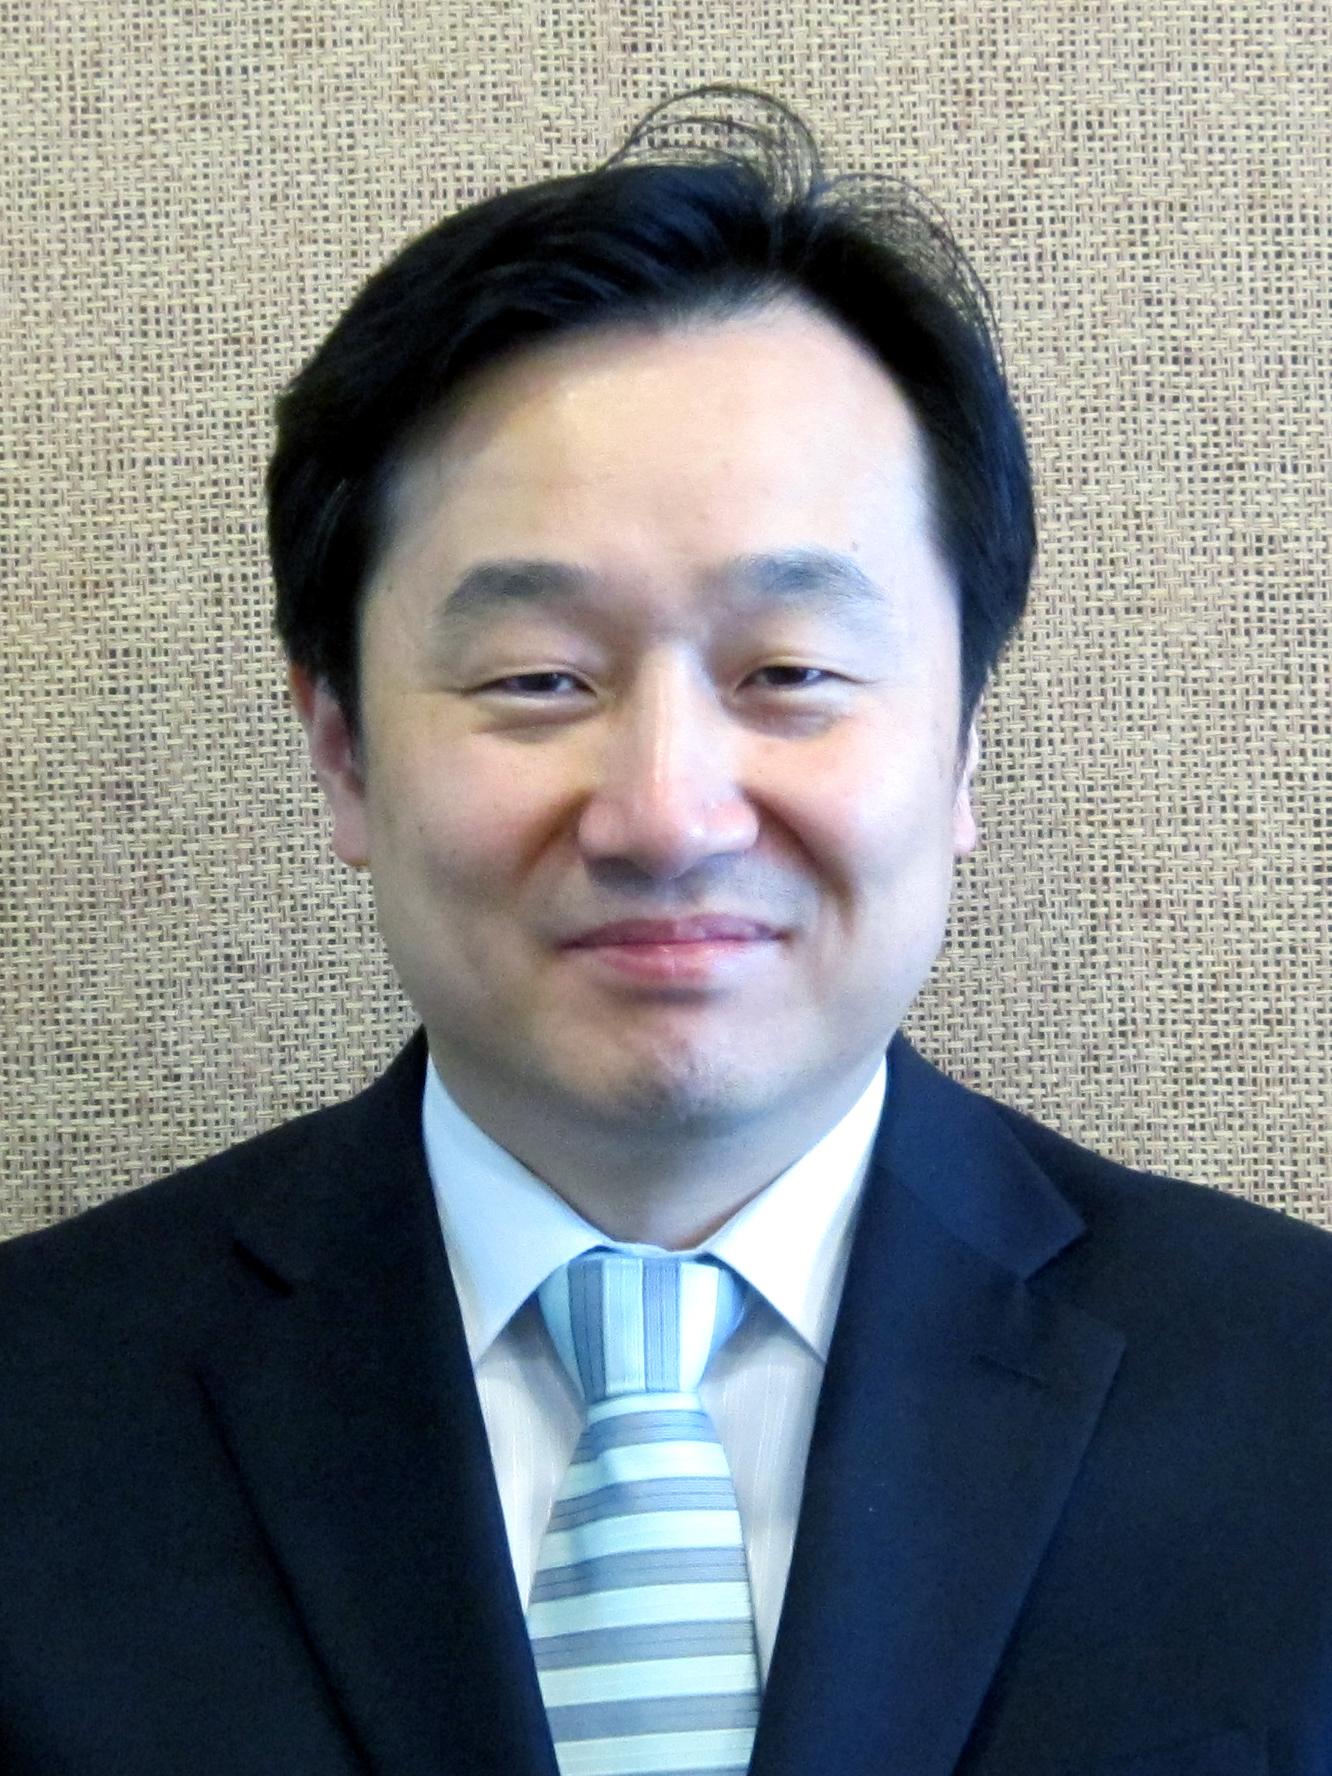 Sung-Bin Kim